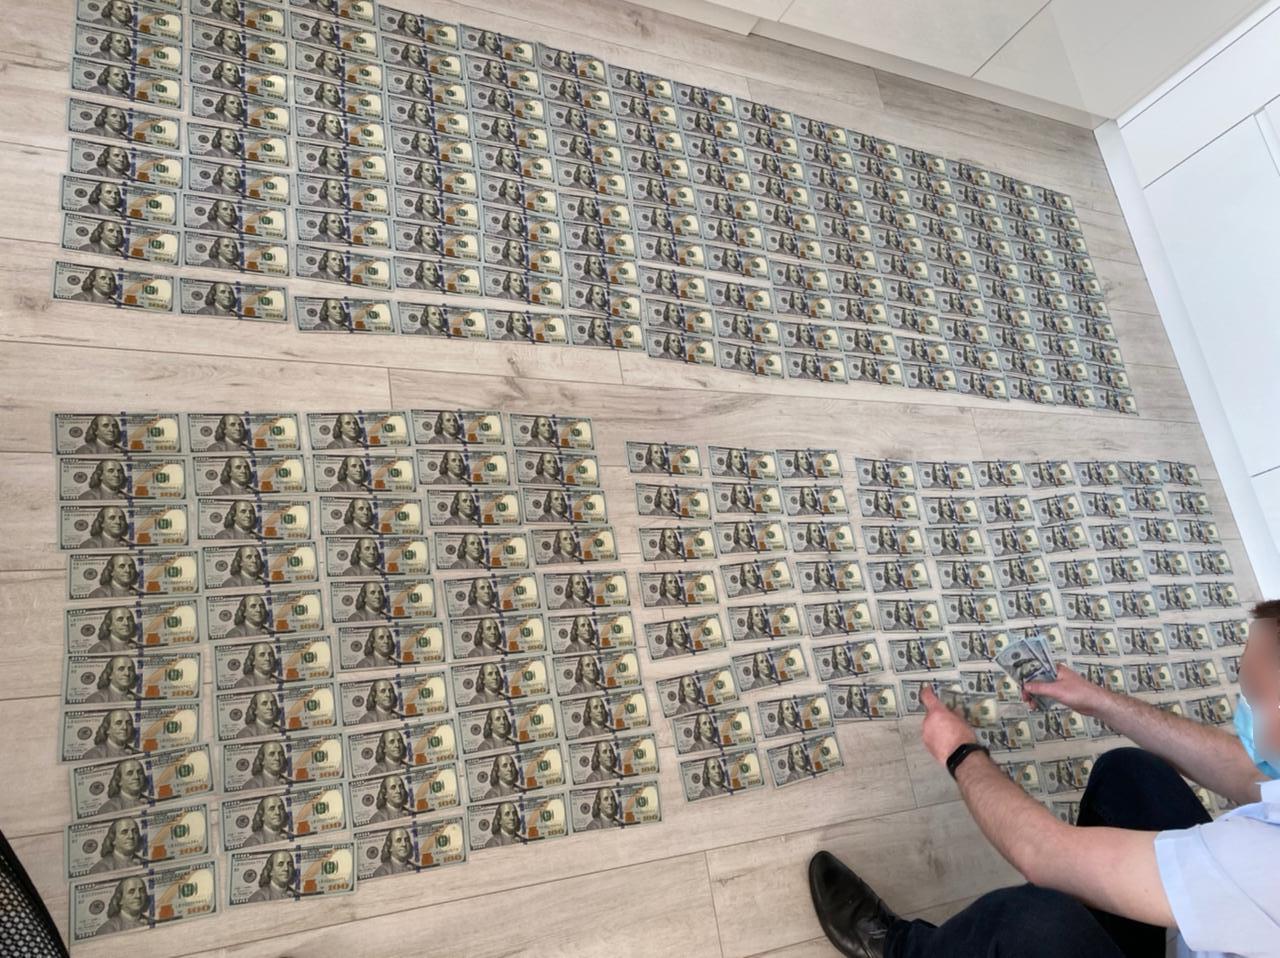 Шантажували іноземні компанії: в Україні викрили кіберсхему на півмільярда доларів